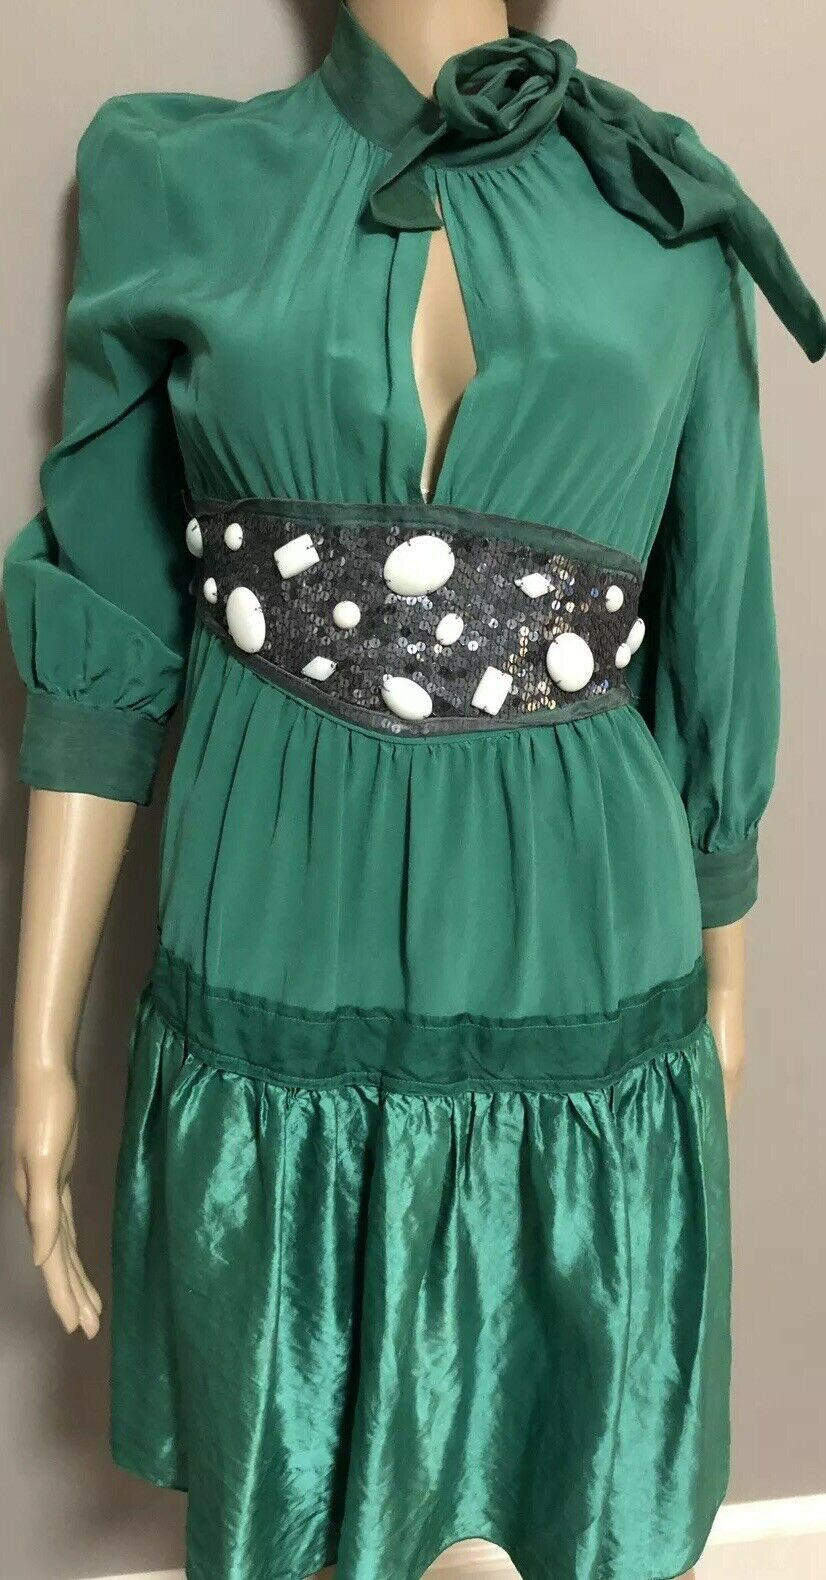 NWT Runway Sample  595 Green Embellished Silk  Dress Dress Dress by M Missoni sz 4 6 f21333